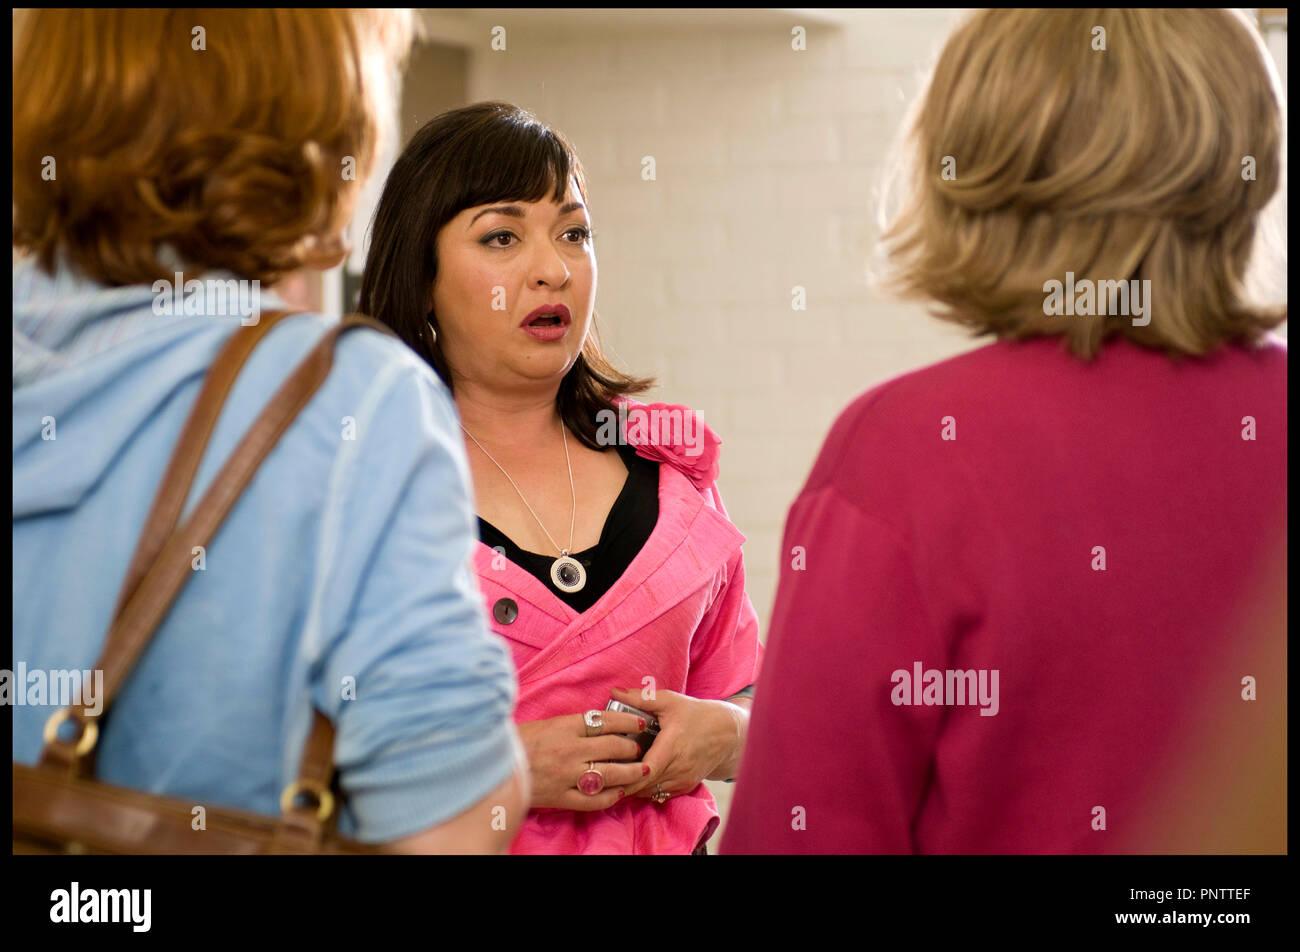 Prod DB © Certitude Films - Présent IMAGES / DR LA FAMILLE parfaite de Anne Renton 2011 États-Unis avec Elizabeth Pena Photo Stock